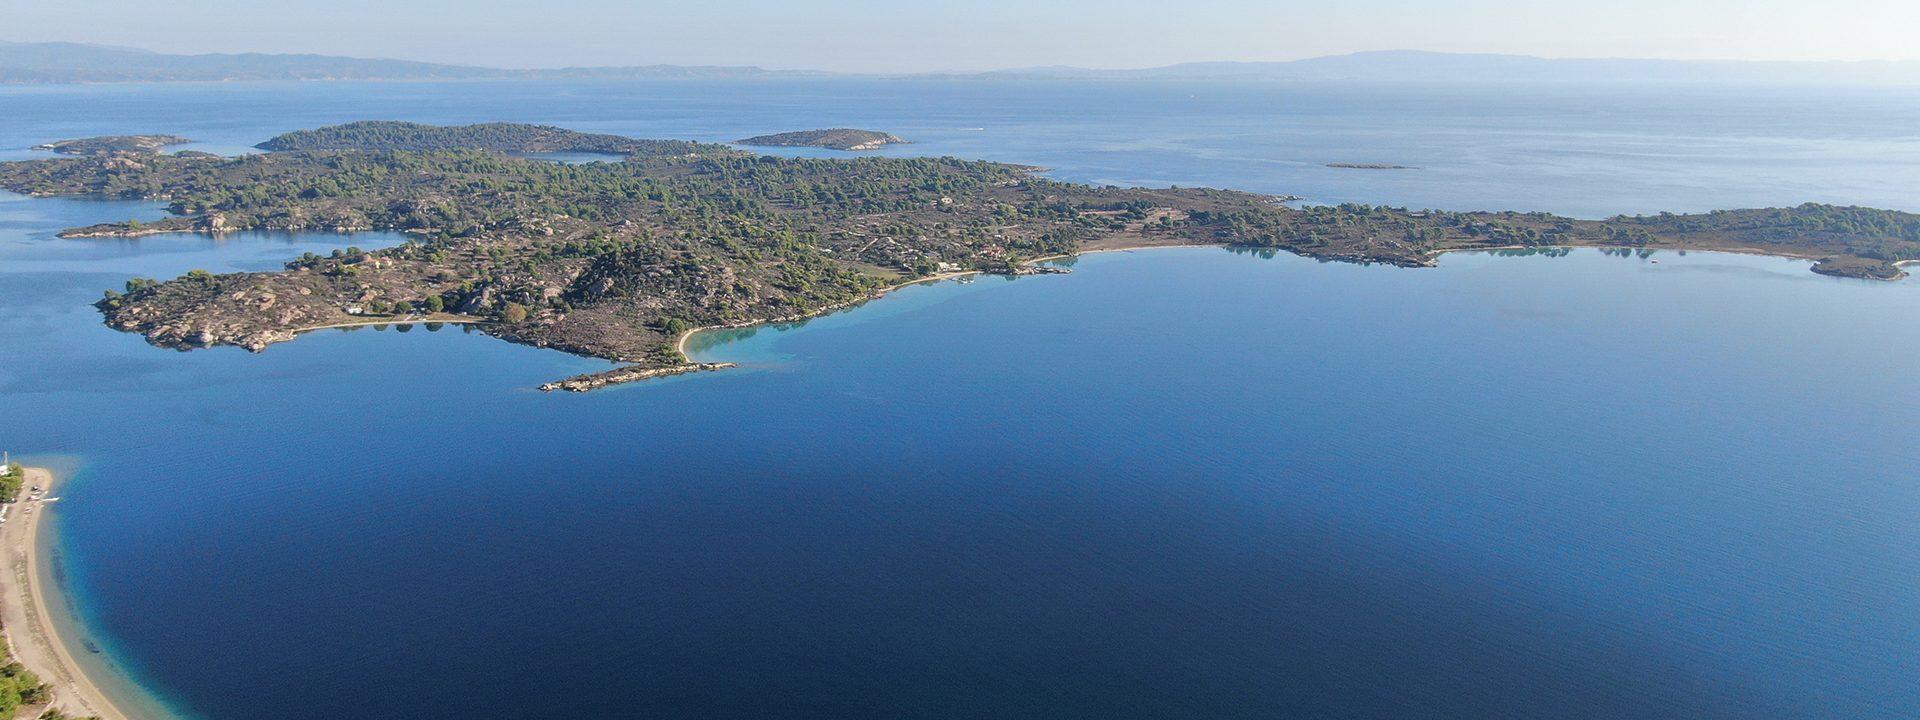 Ενοικιάσεις Σκαφών Βουρβουρού Χαλκιδικής